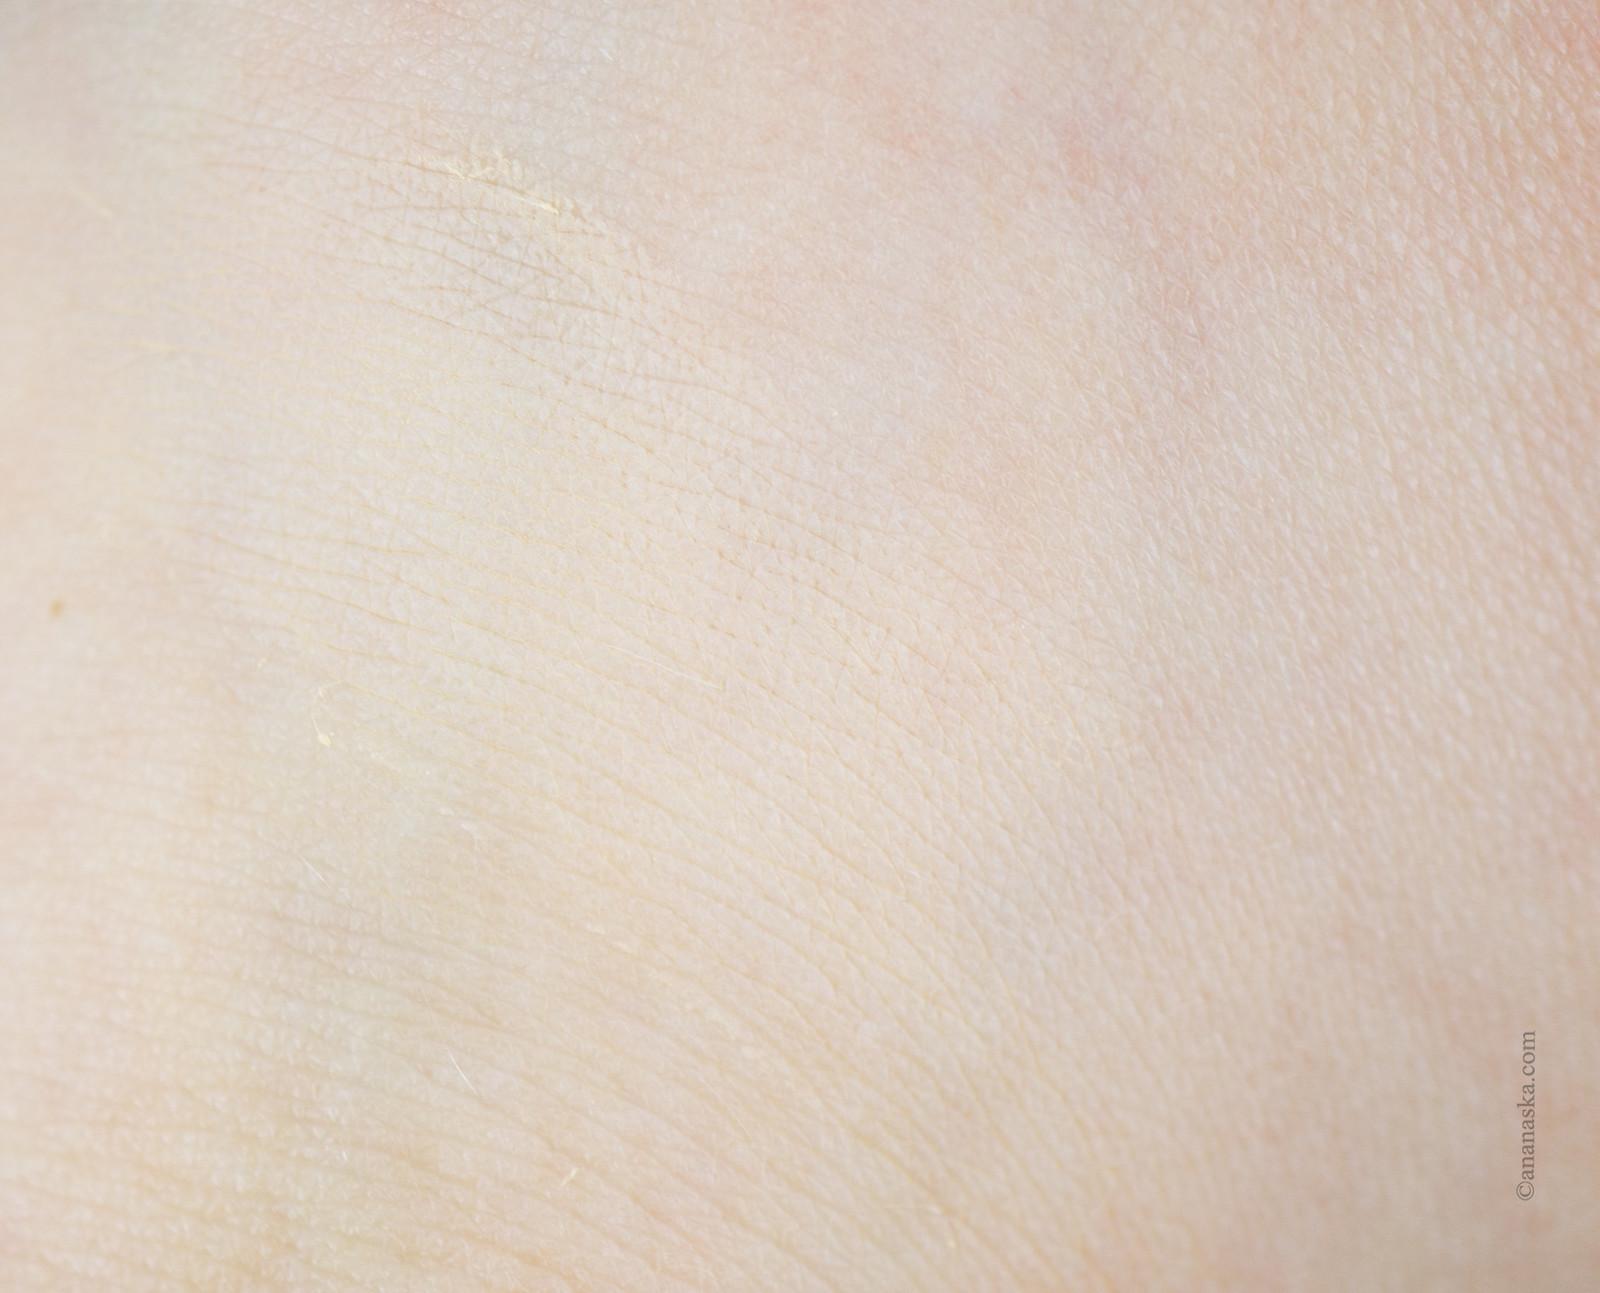 Givenchy Matissime Velvet 01